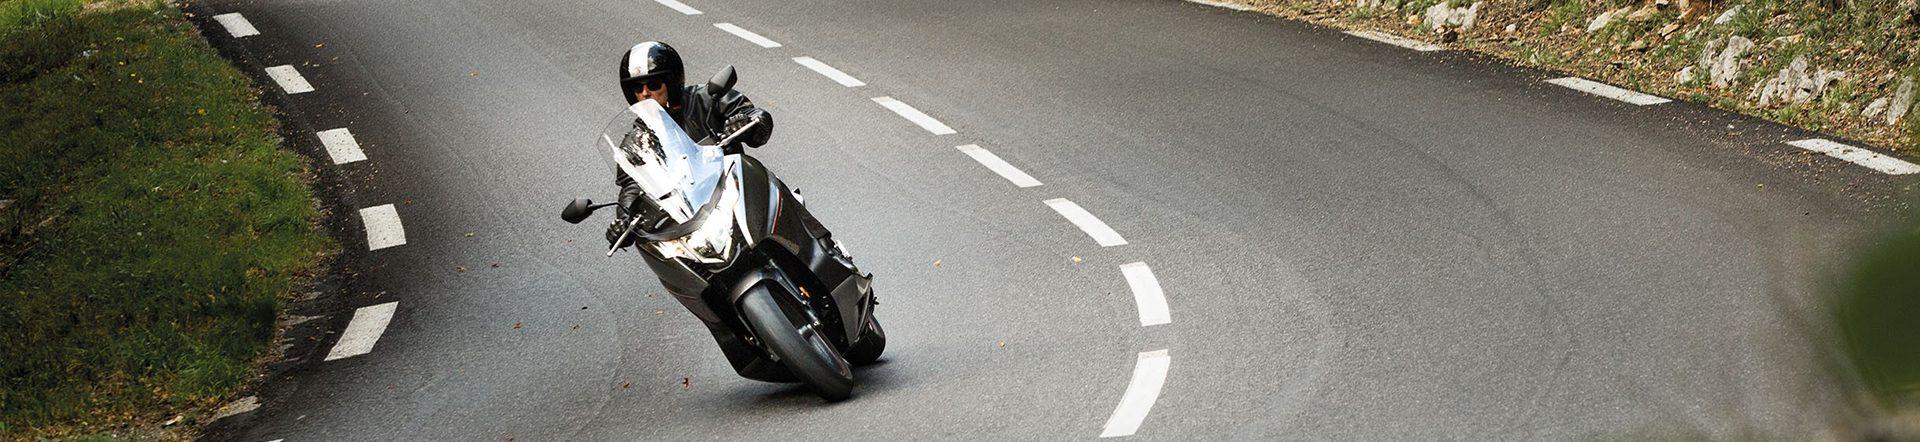 Honda integra Header